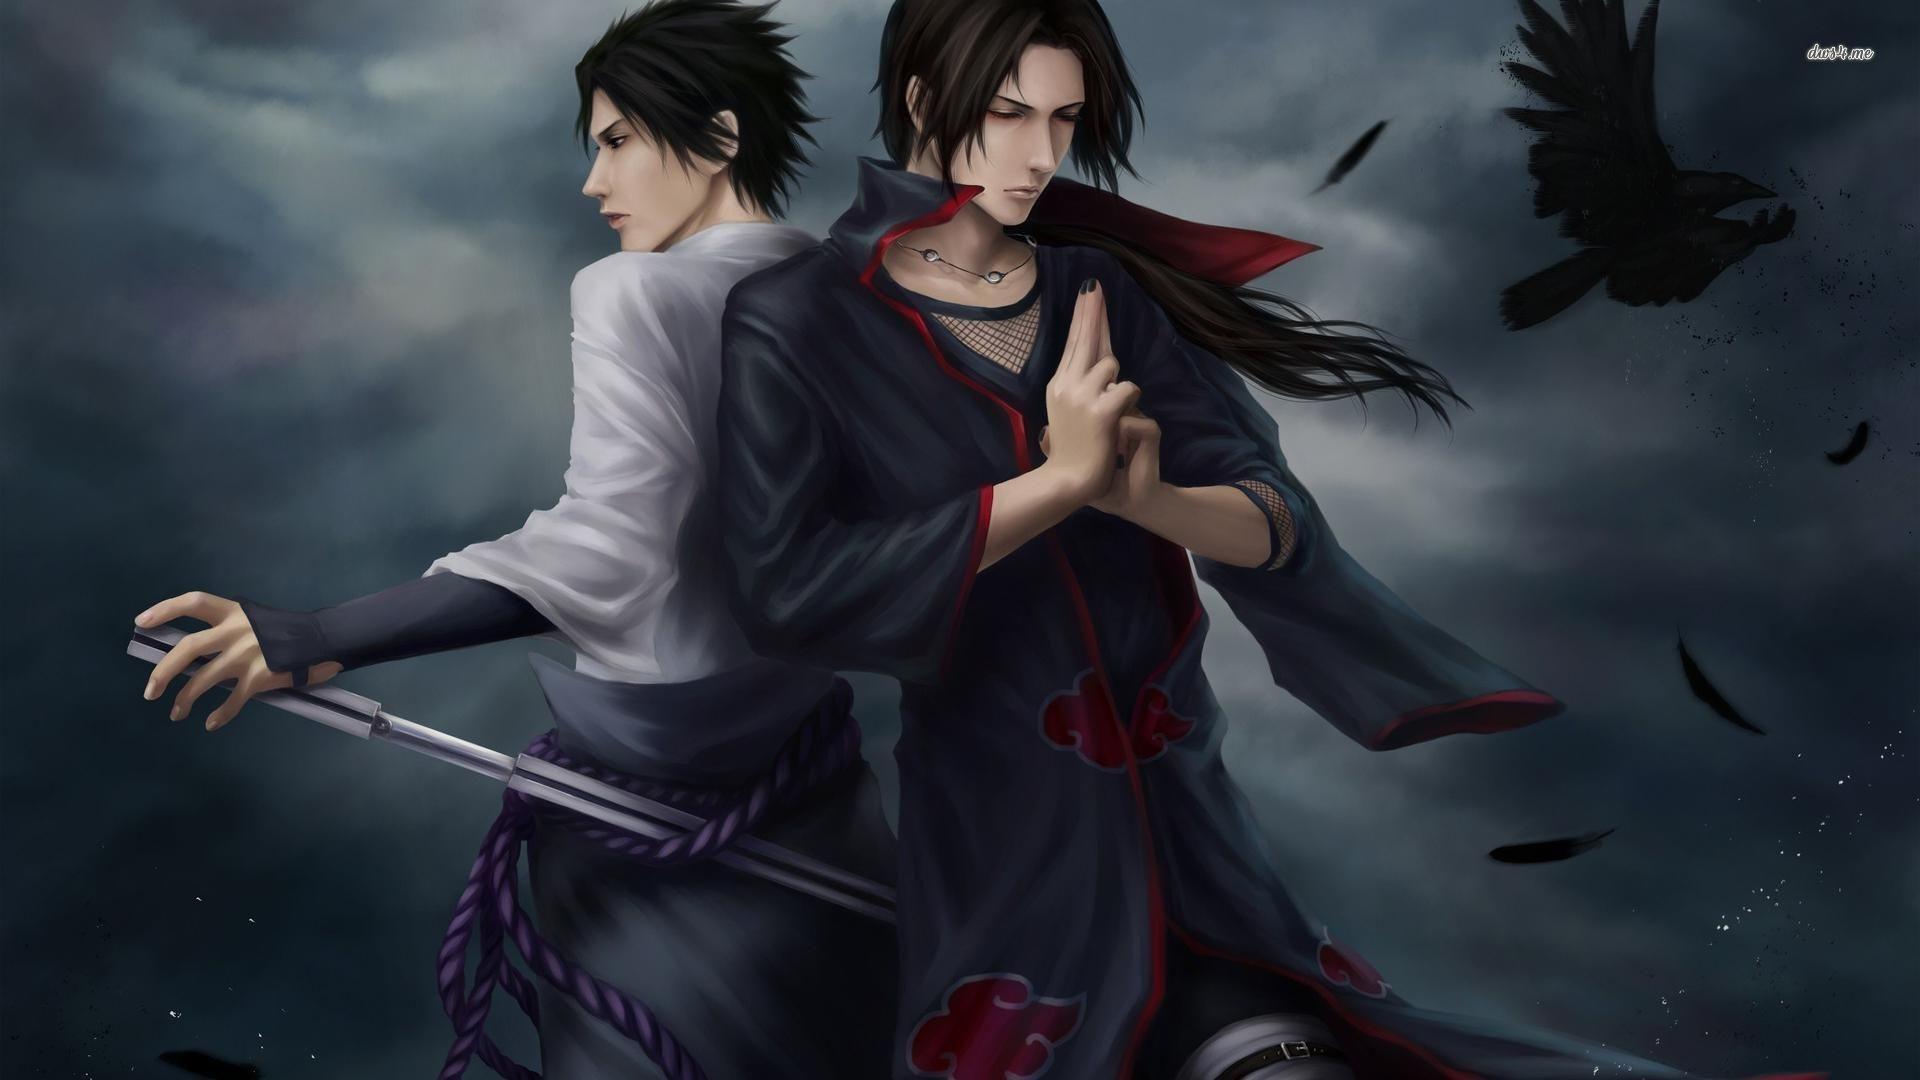 137340 free download sasuke uchiha wallpaper 1920x1080 htc